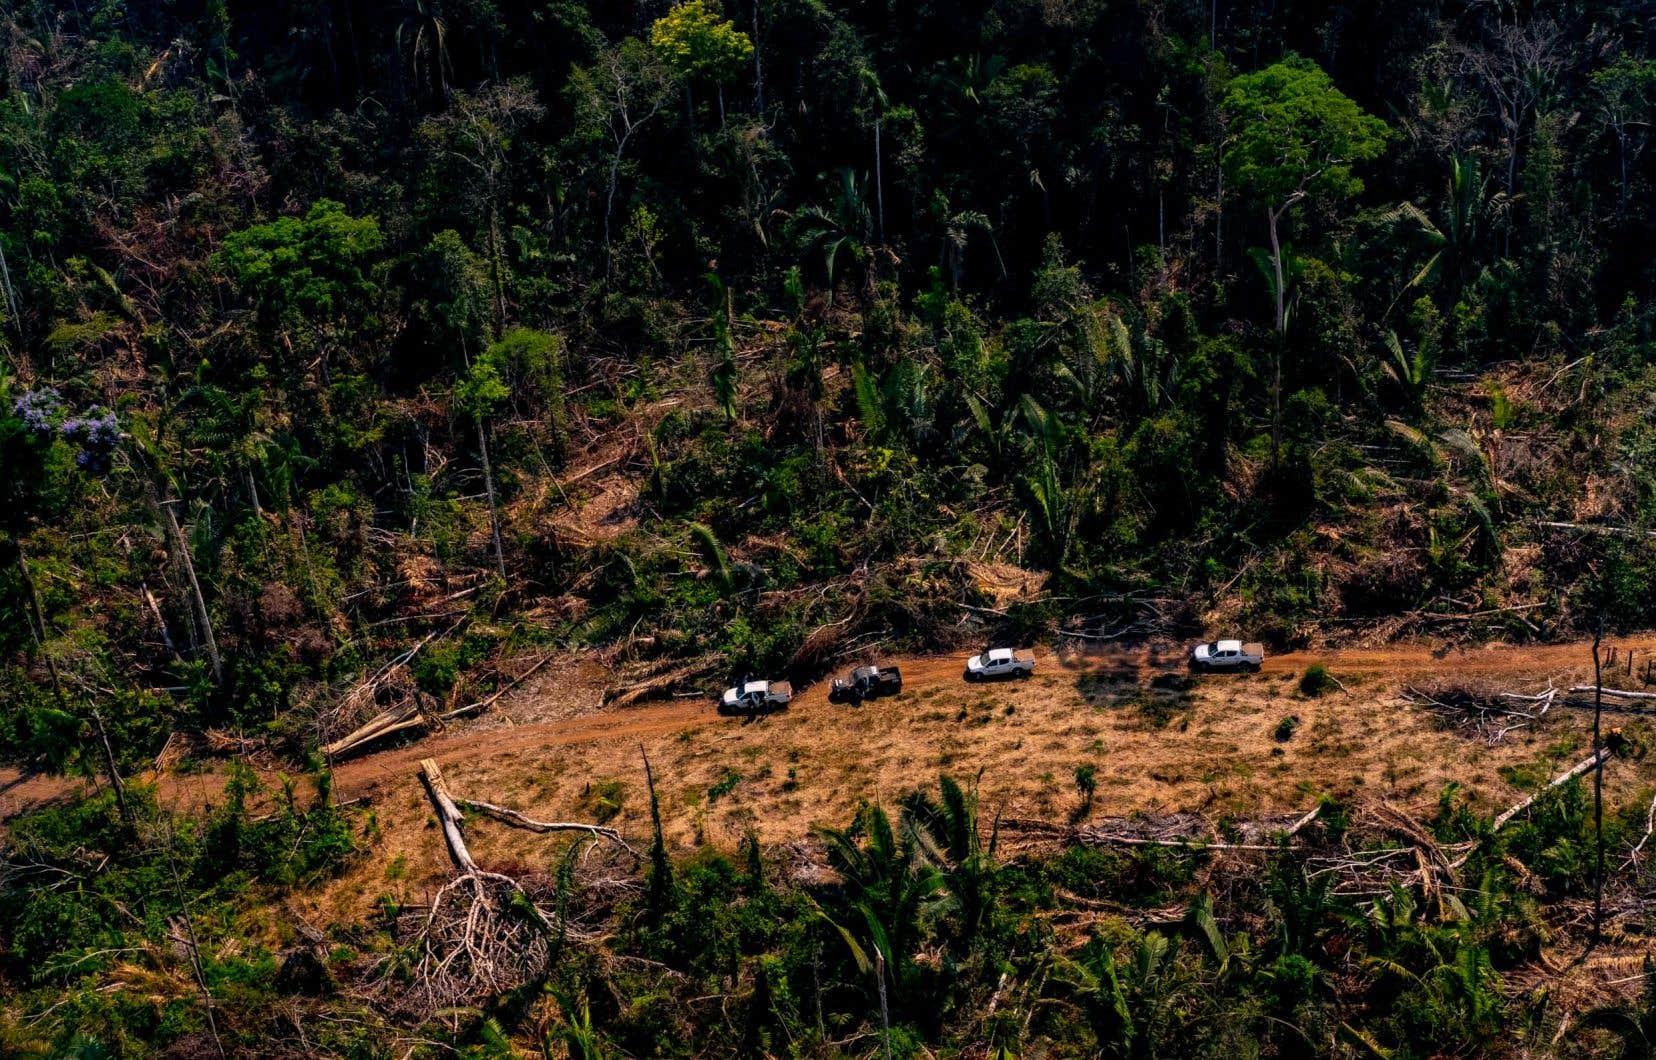 Selon des chiffres du Congrès missionnaire indien cités par l'APIB, 160 intrusions de trafiquants de bois ou d'orpailleurs illégaux ont été recensées de janvier à septembre cette année, en hausse de 44% par rapport au total de l'année 2018.